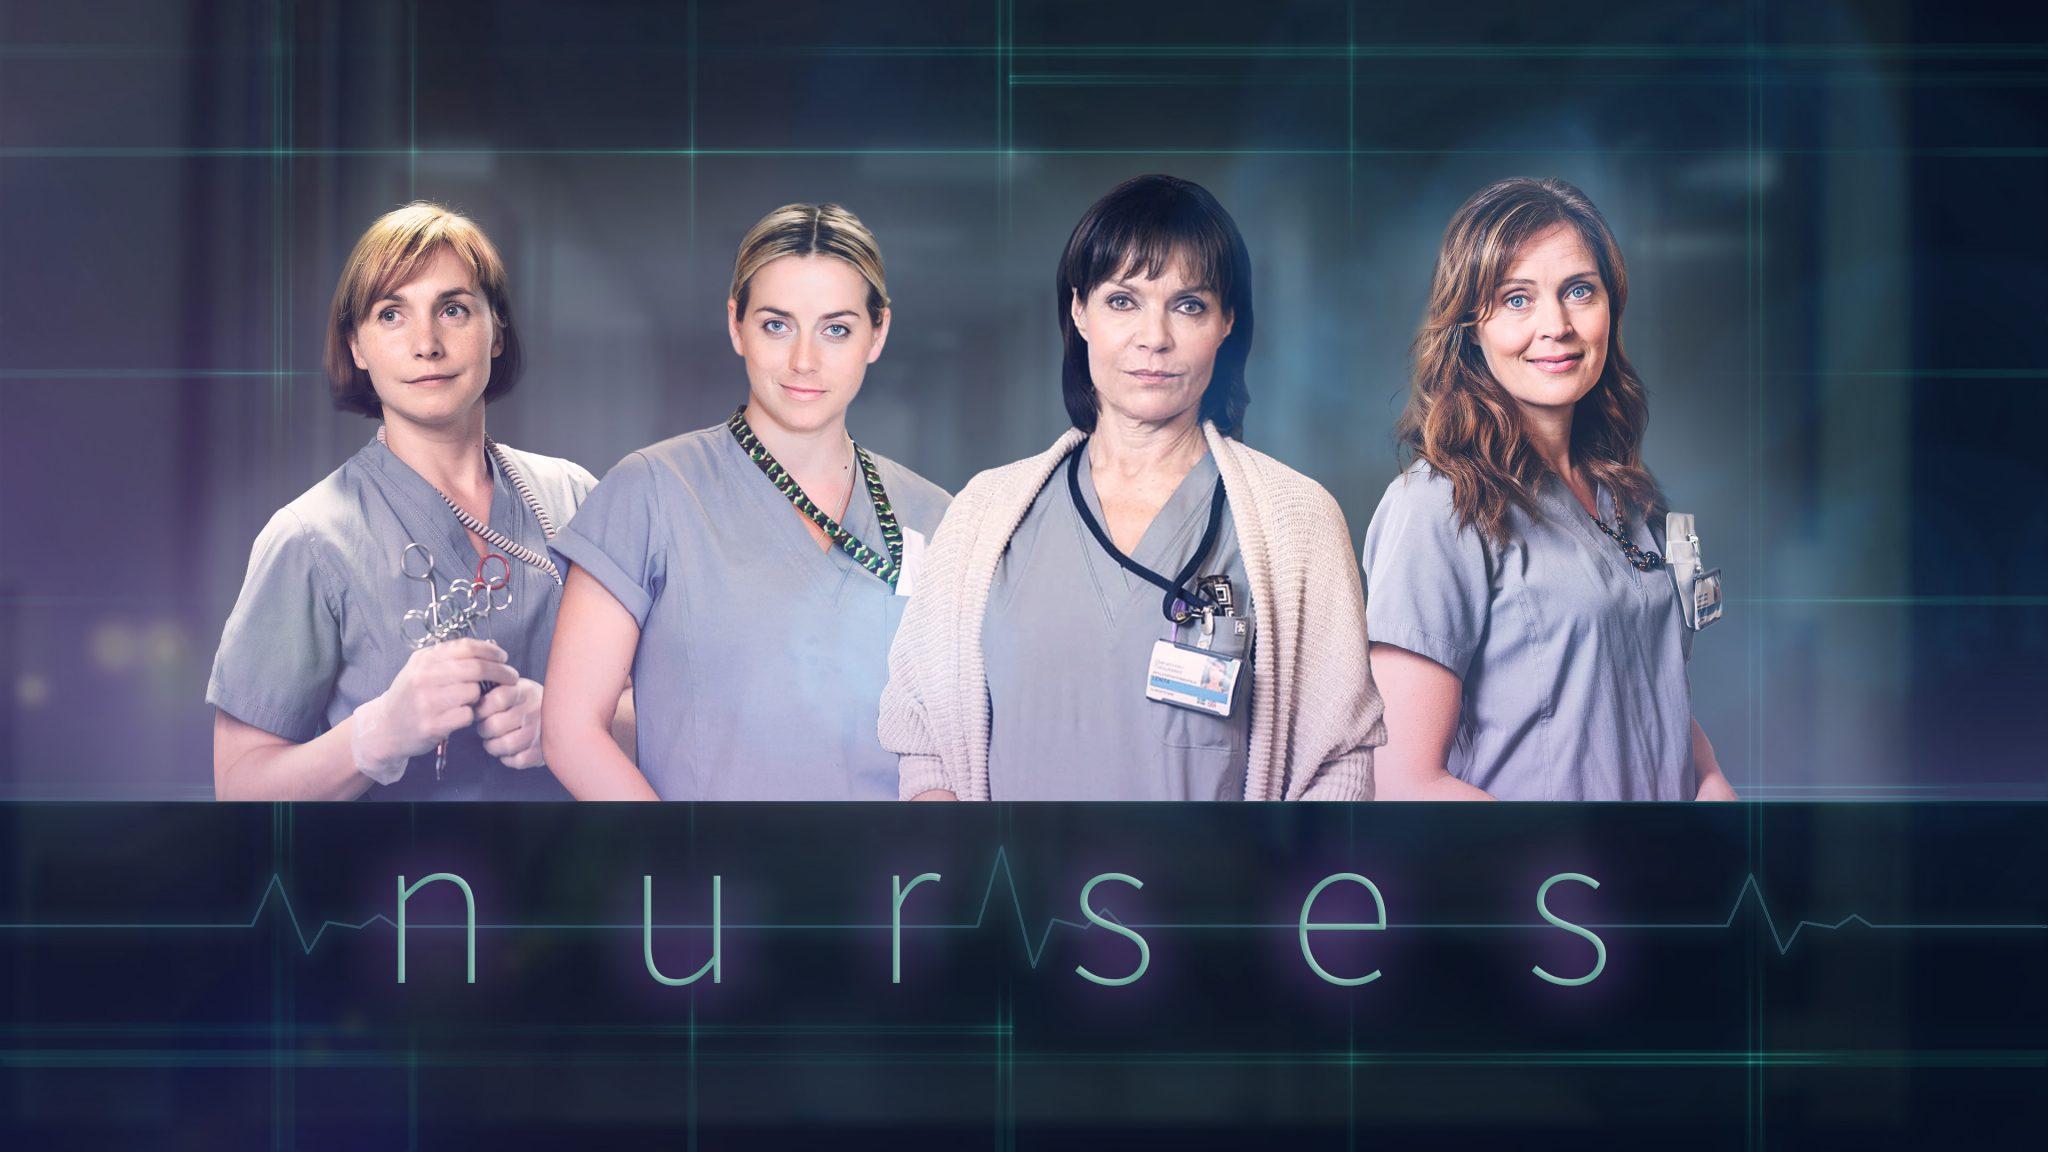 Nurses ID